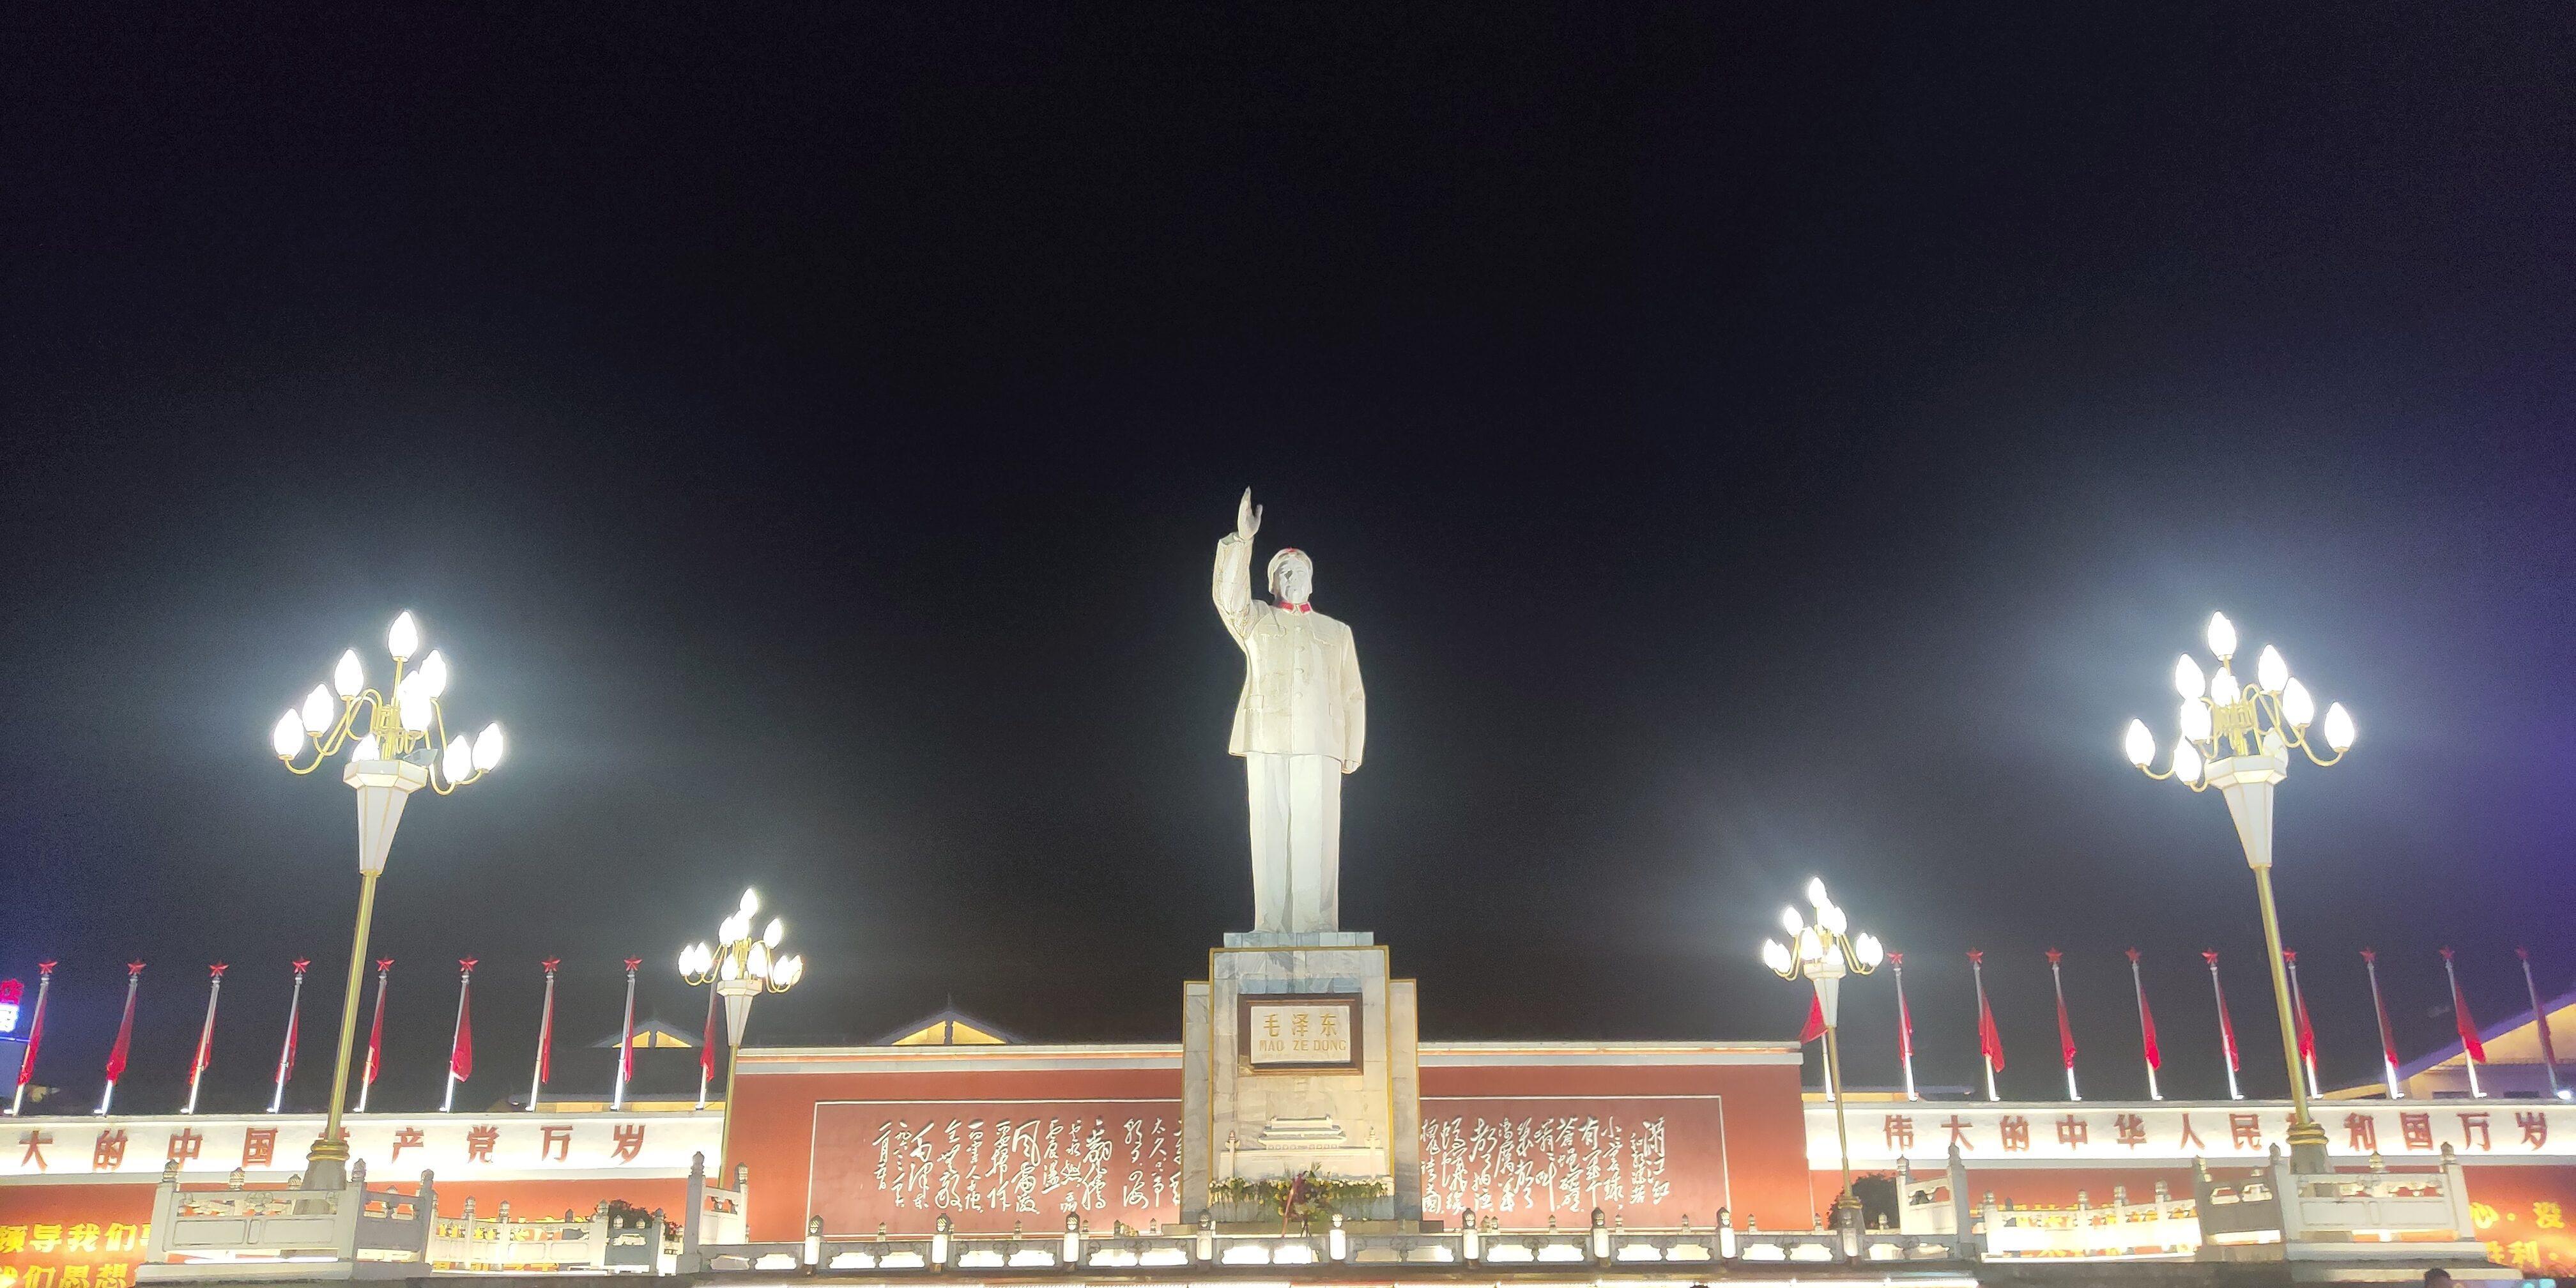 毛主席雕像 夜景